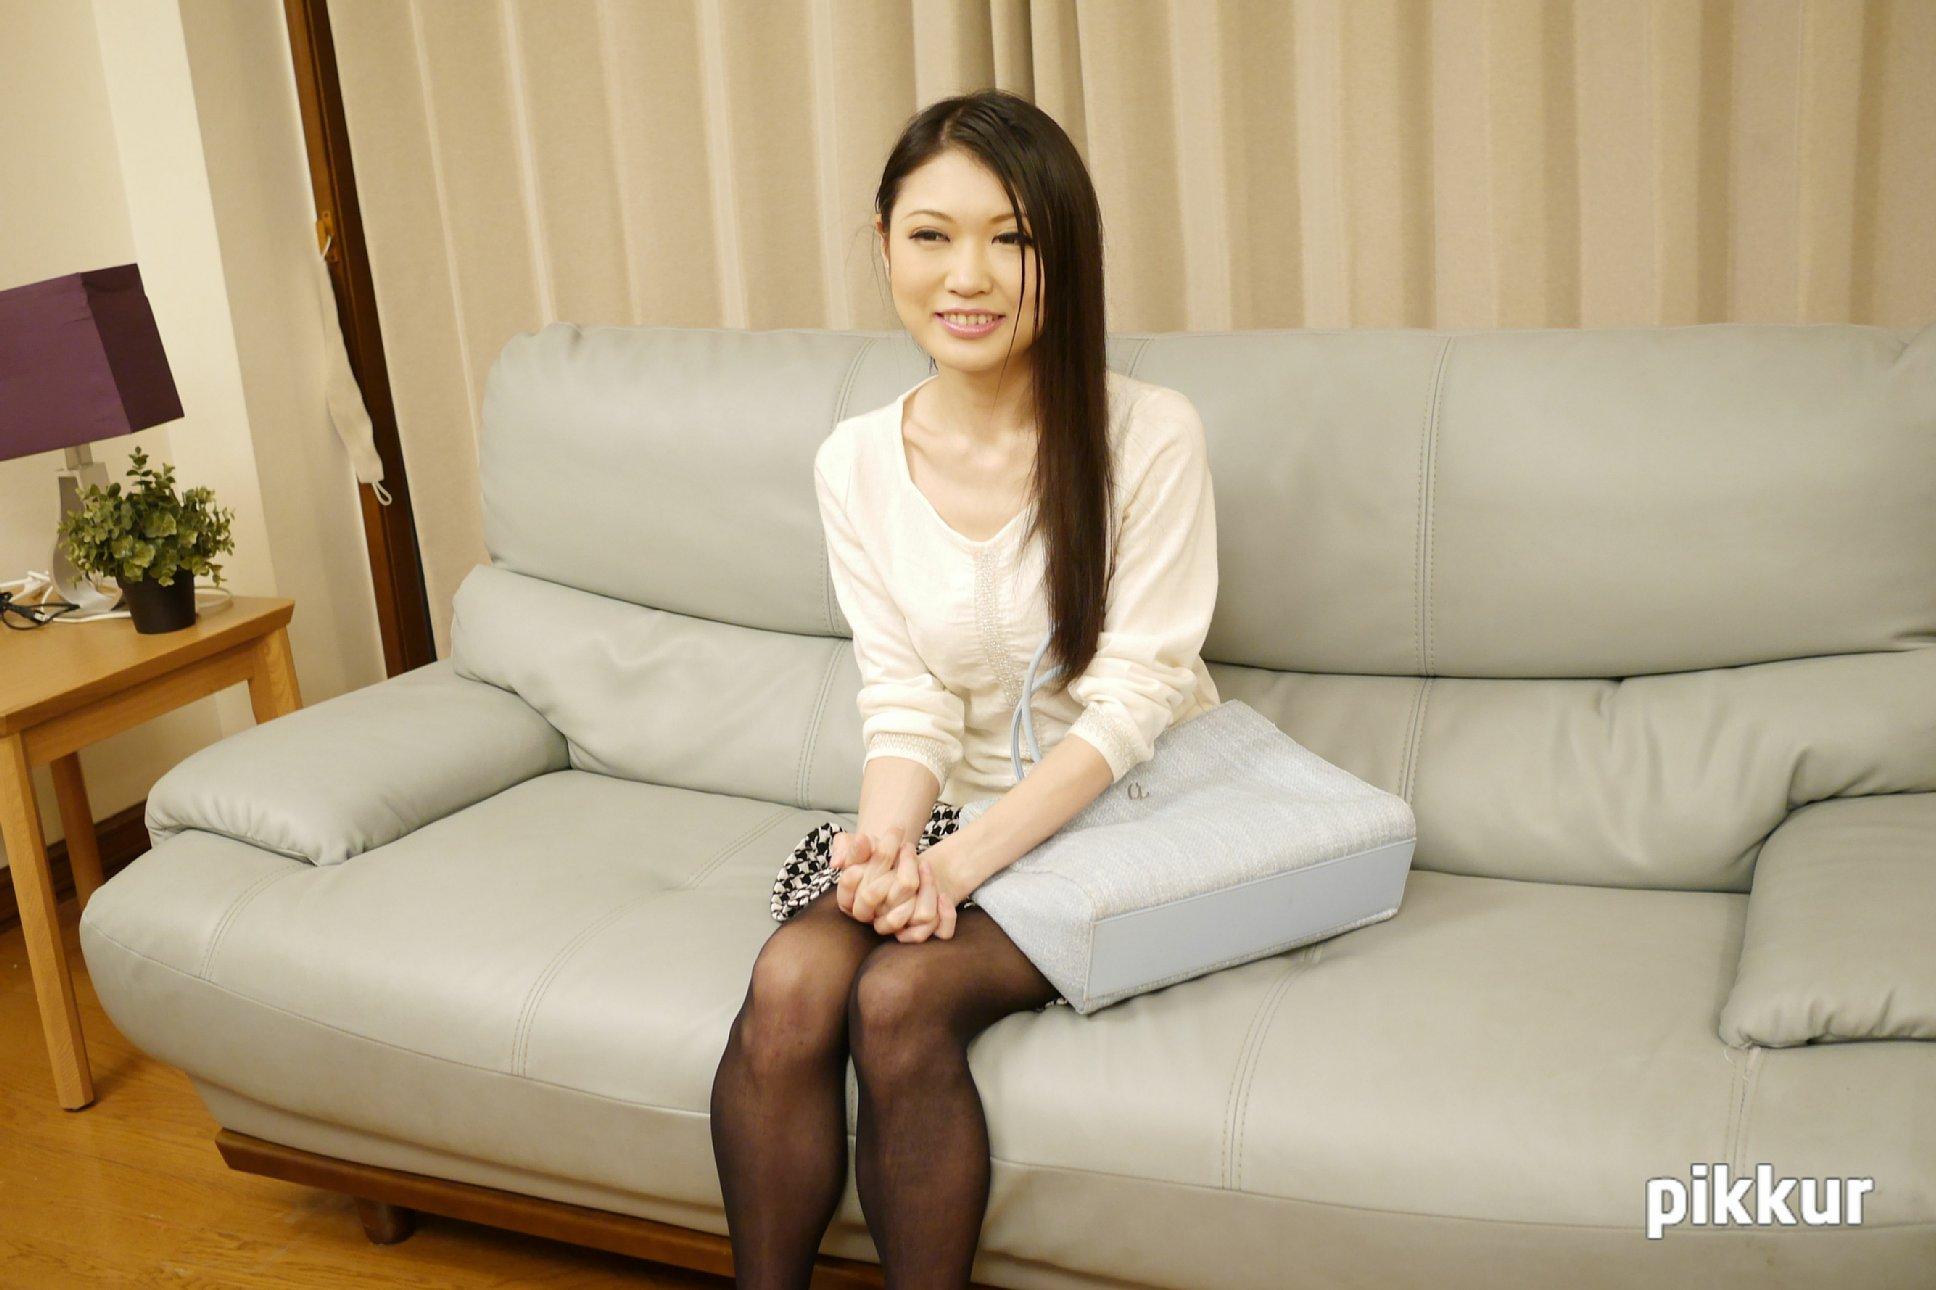 薬局で働く貧乳だけど感度抜群の素人女子がバイト感覚でま〇こ丸見えのジャポルノに出ちゃいました。 相田瞳 01